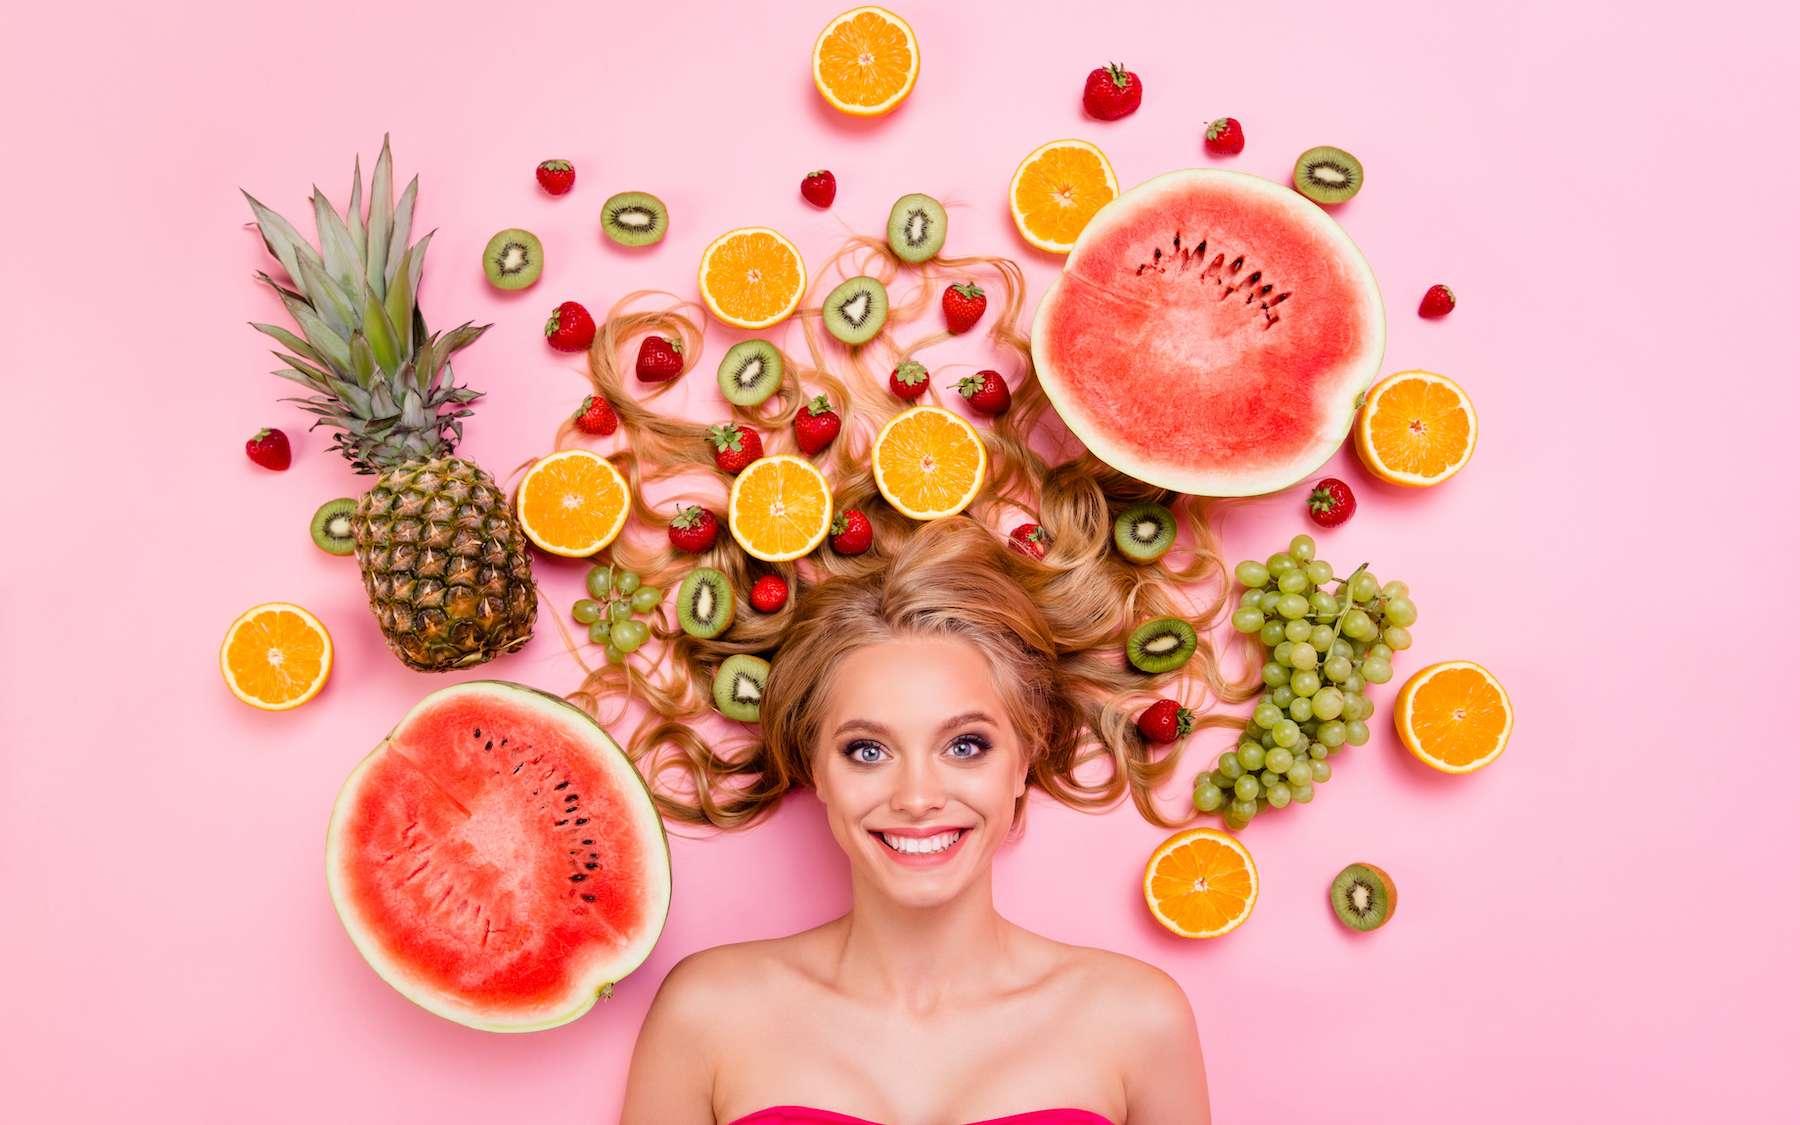 Les cheveux contiennent la « signature » de notre alimentation. © deagreezn, Adobe Stock